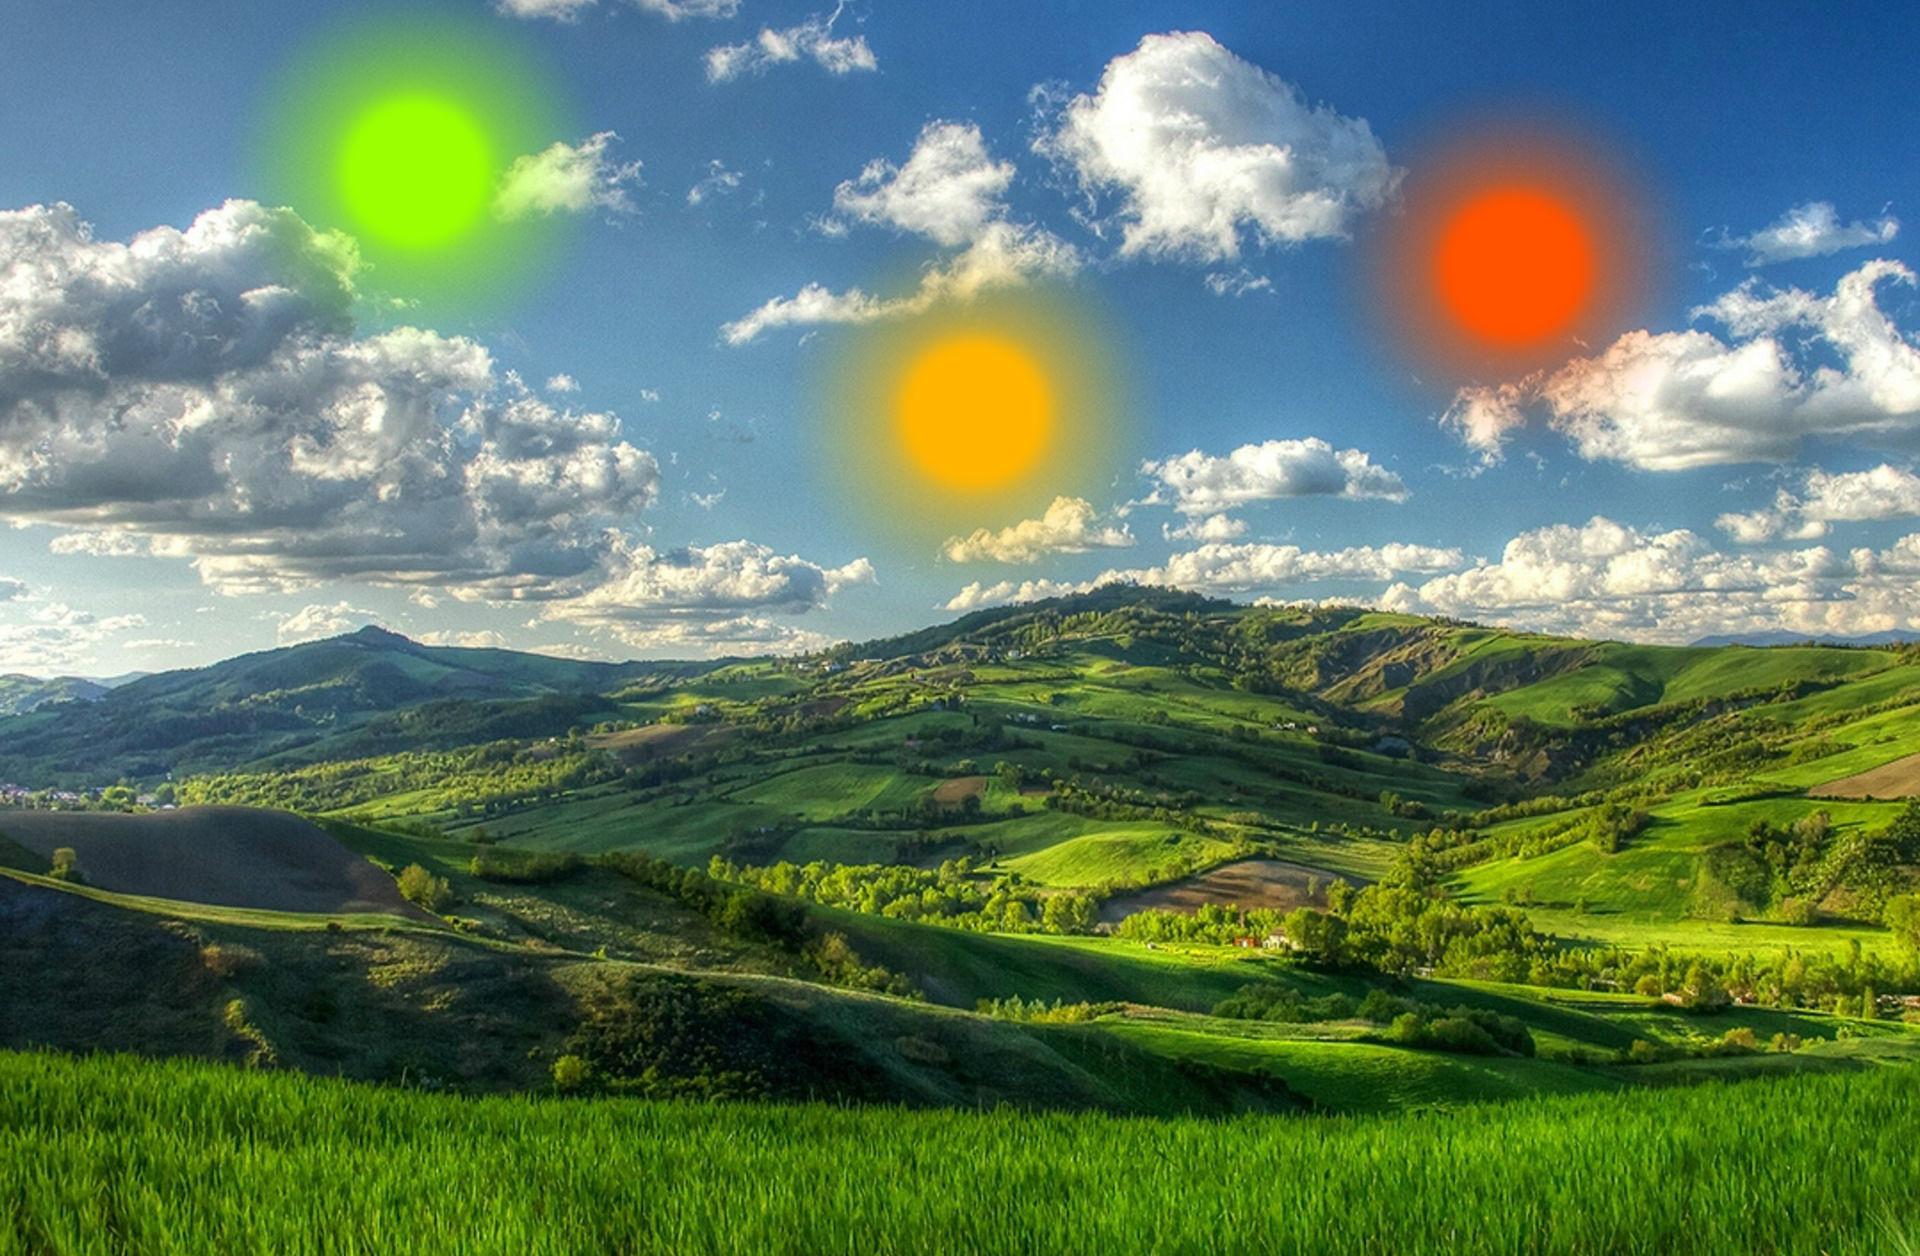 зелёные холмы в стиле фэнтези и три солнца. глаза смерти. осознанный сон с ролью творца